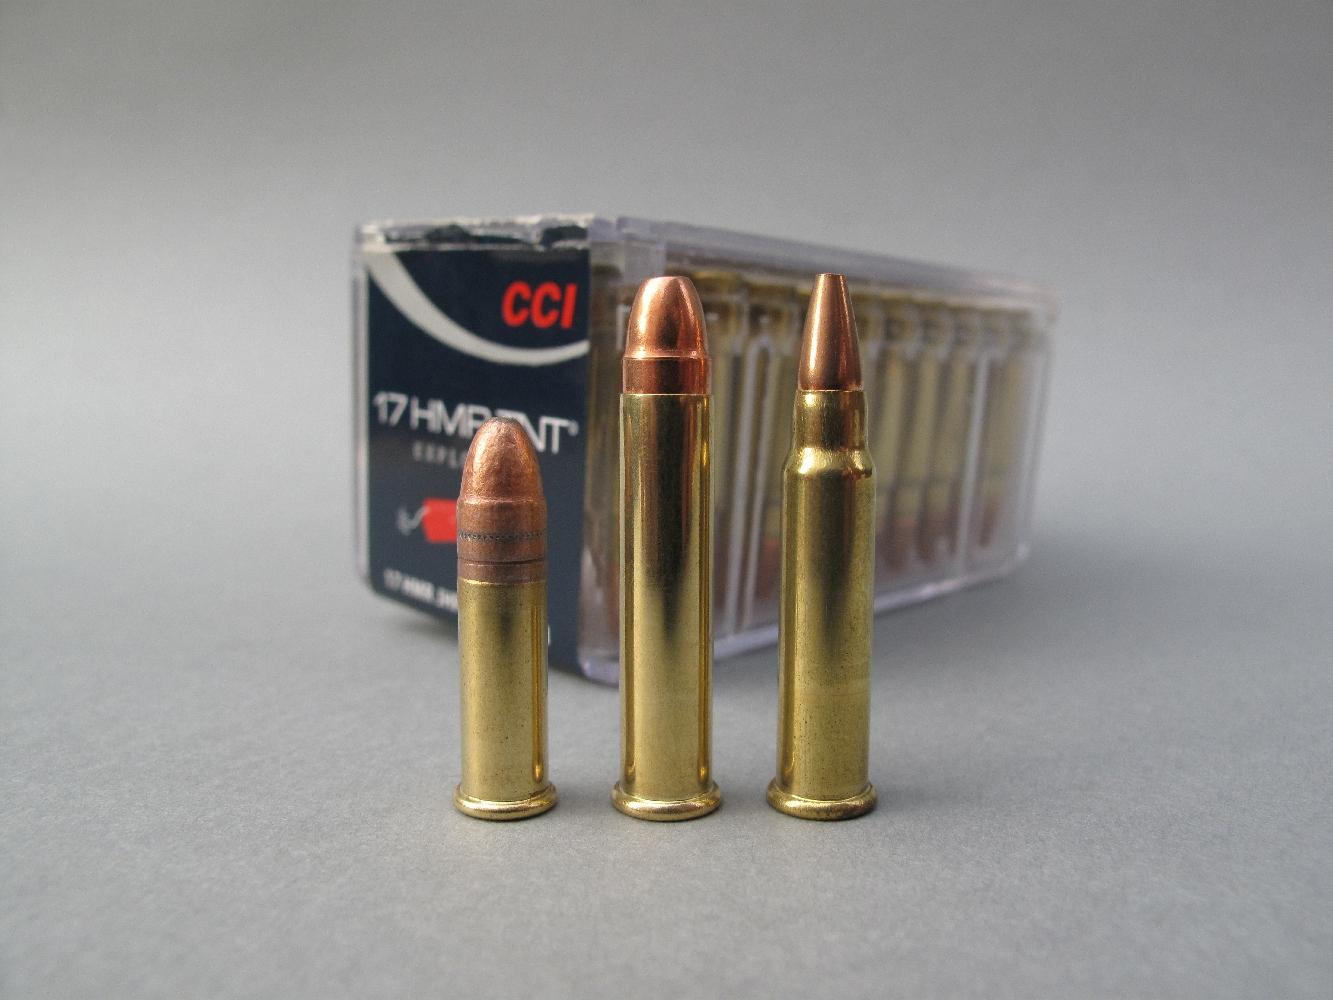 Comparaison entre les trois différentes munitions à percussion annulaire pour lesquelles la carabine ISSC SPA peut être chambrée, de gauche à droite : .22 Long Rifle, .22 Magnum et .17 HMR.